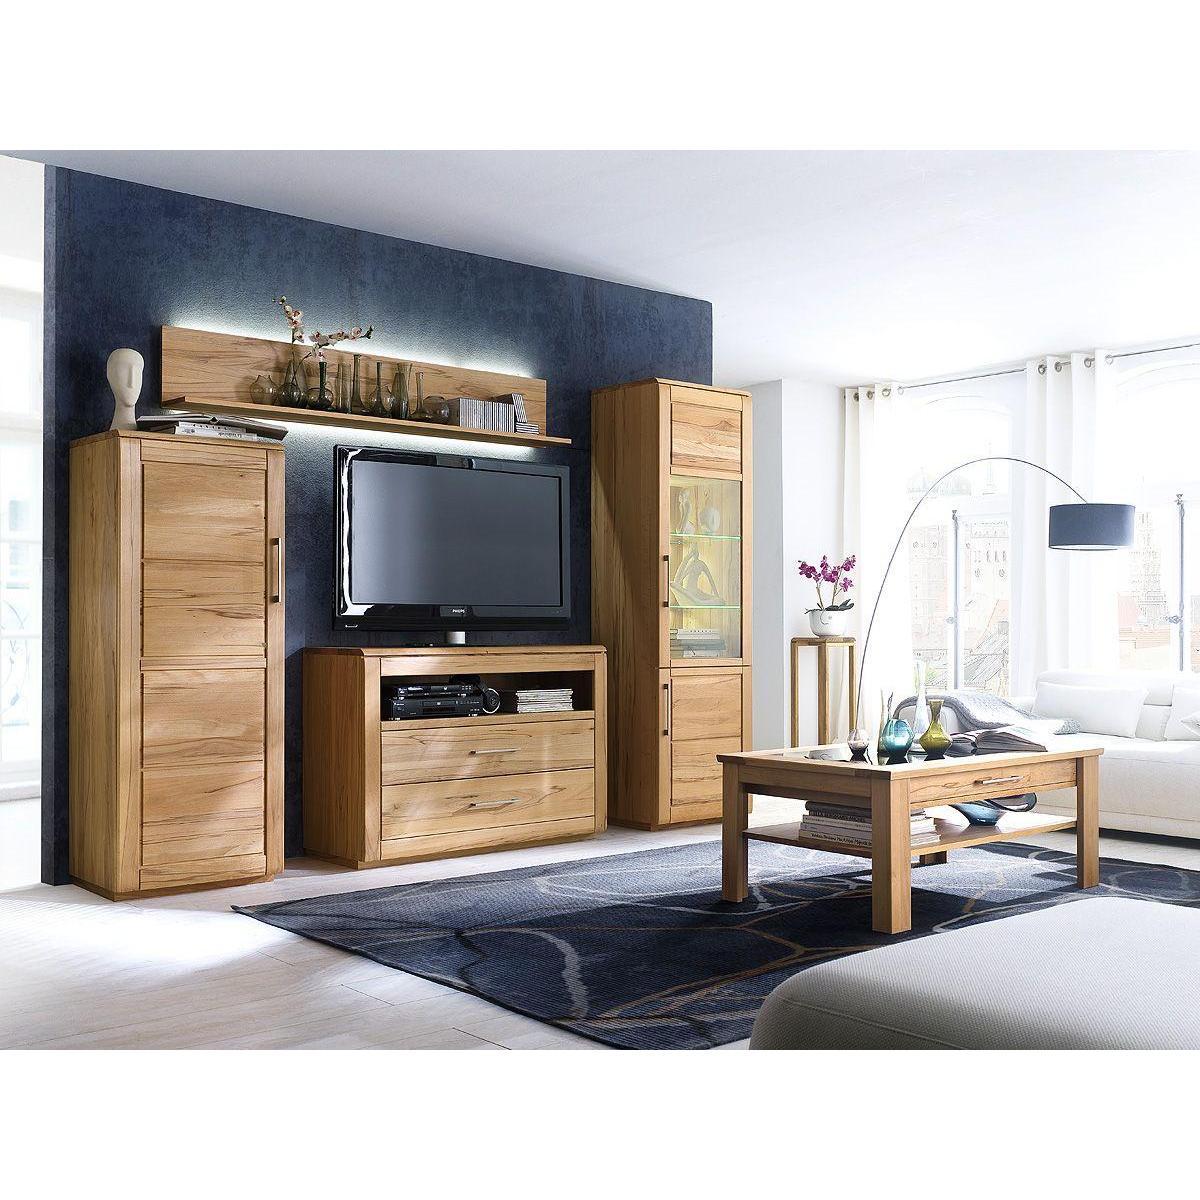 Komplett wohnzimmer top best wohnzimmer neu einrichten for Wohnzimmer komplett neu gestalten ideen